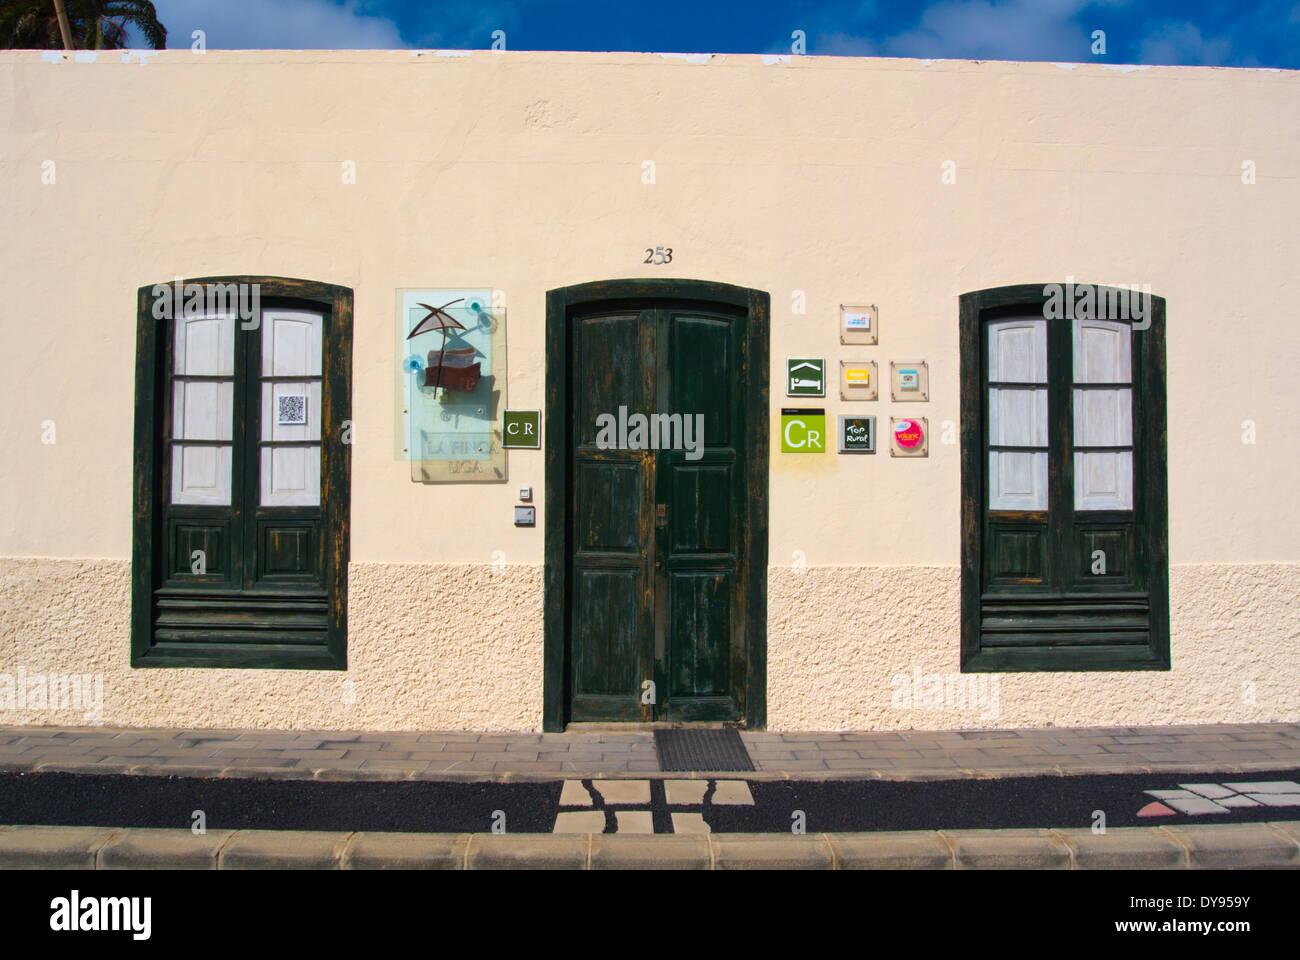 Casa Rural Finca Uga, produzieren Shop Verkauf von lokalen wie Wein und Käse, Uga, Yaiza Grafschaft, Lanzarote, Kanarische Inseln, Spanien Stockbild